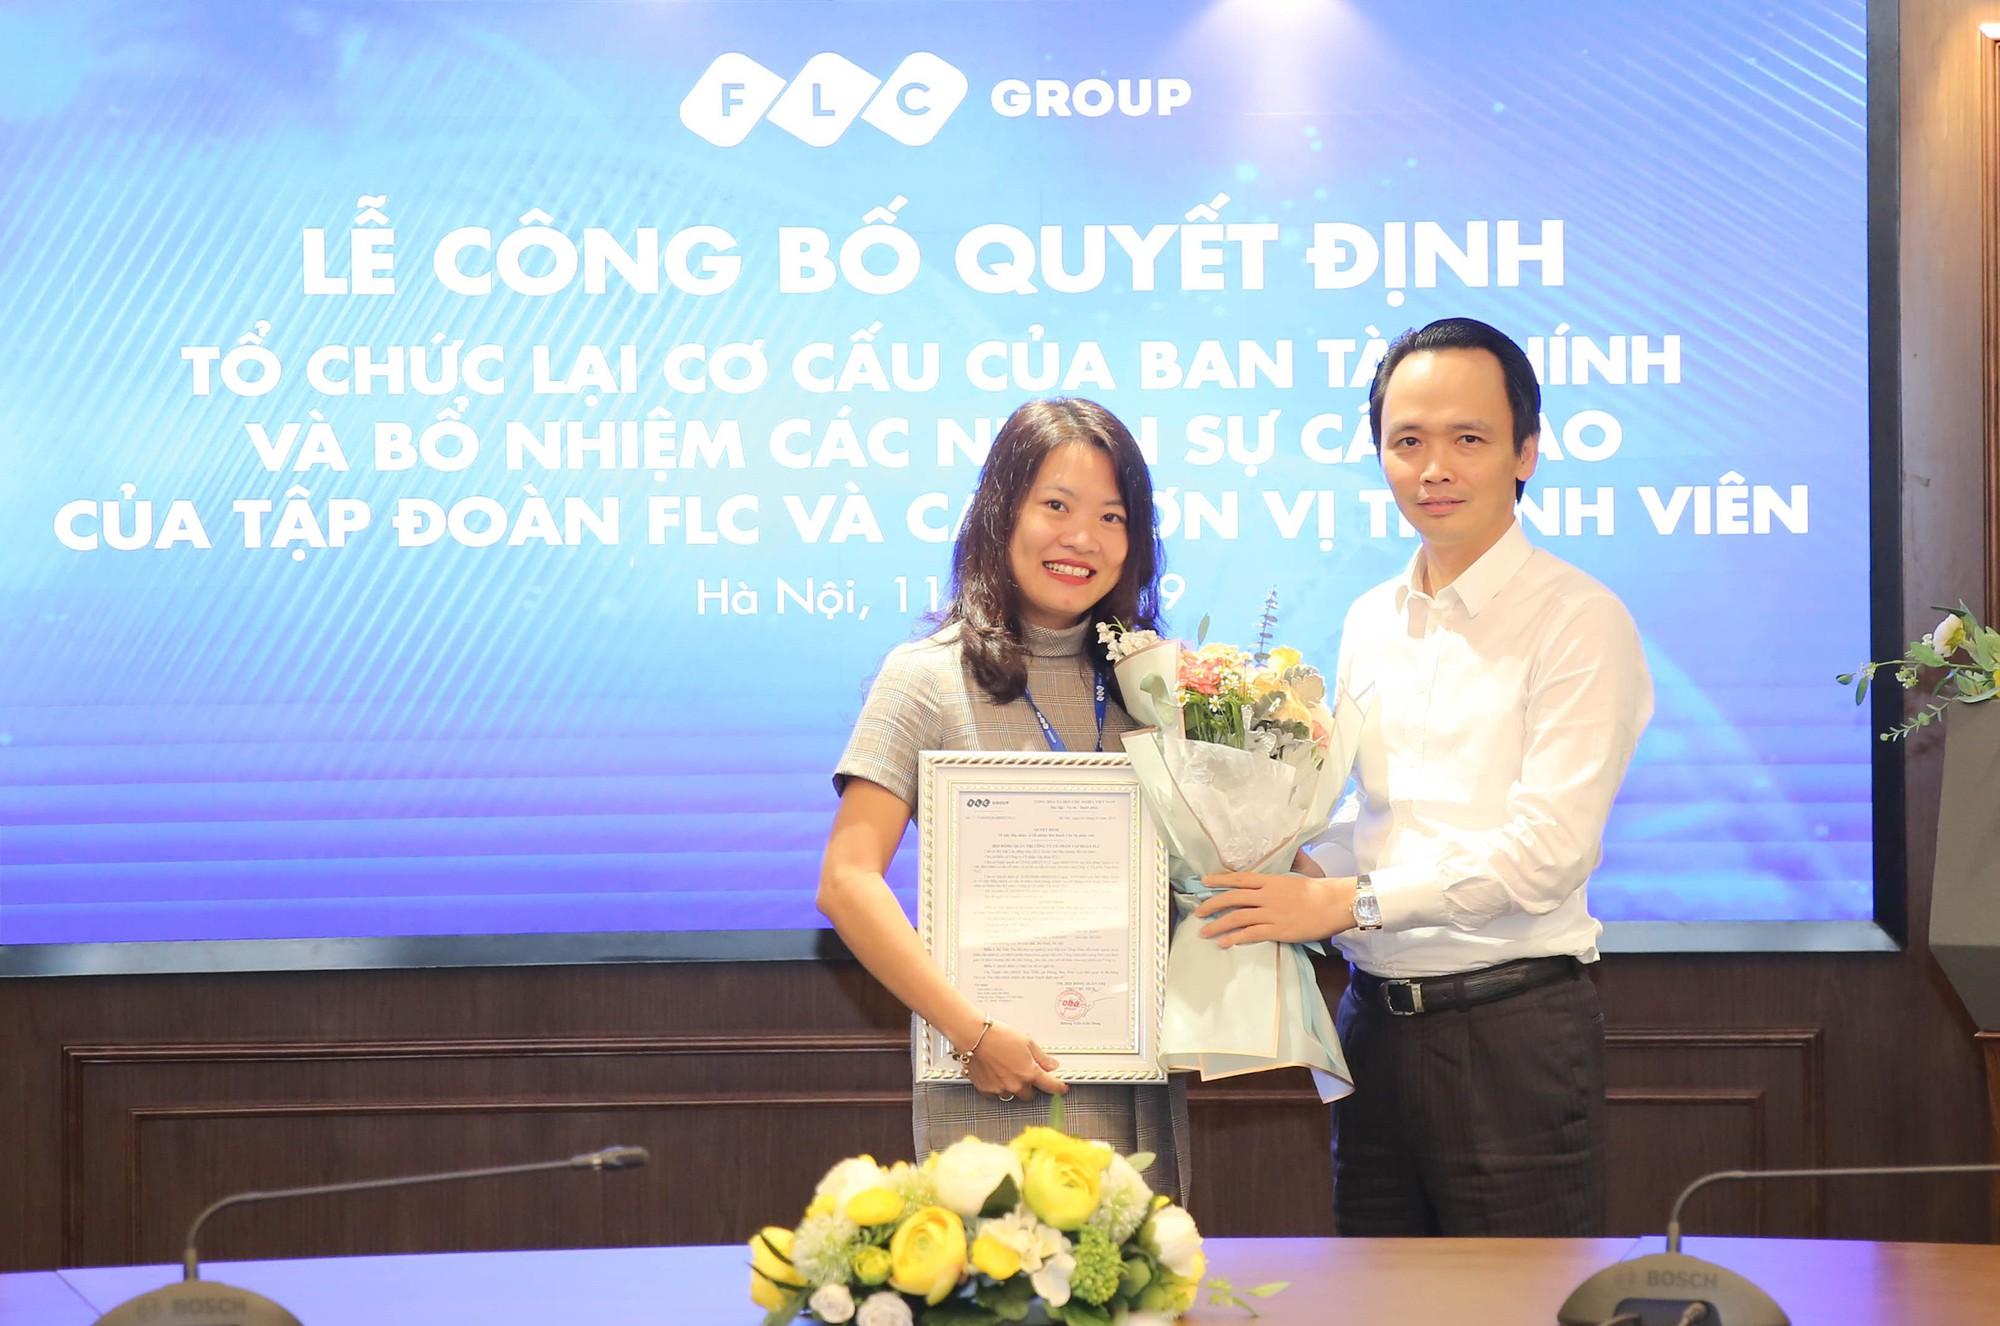 Cựu Phó TGĐ Sunshine Group gia nhập Tập đoàn FLC - Ảnh 2.